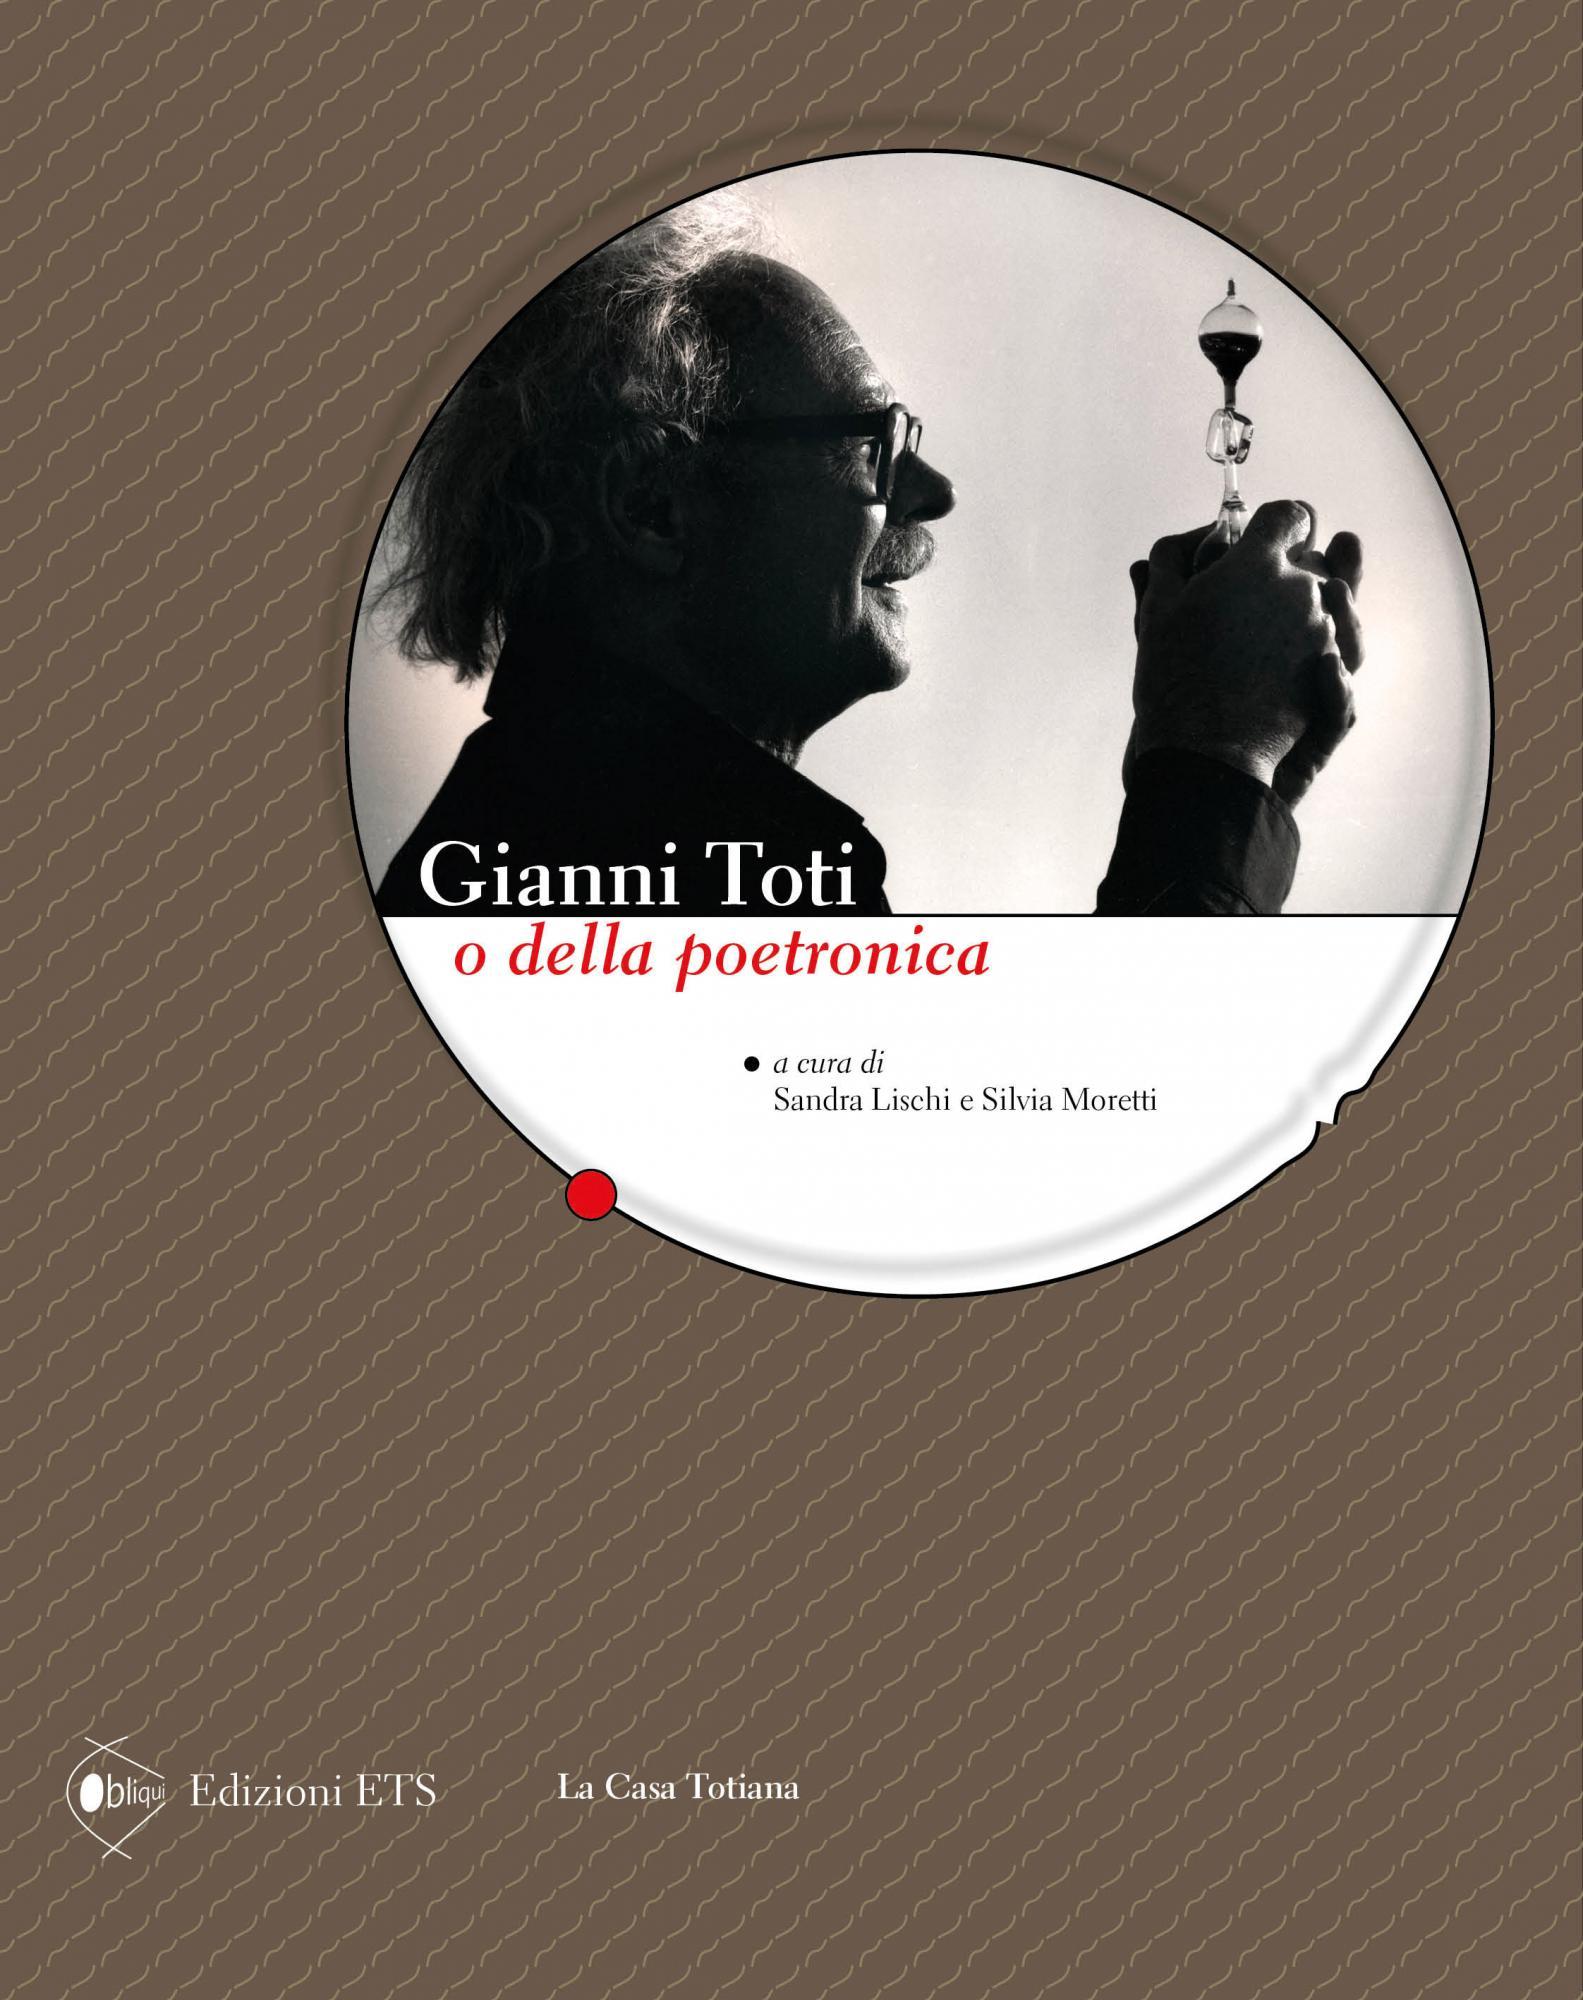 Gianni Toti o della poetronica